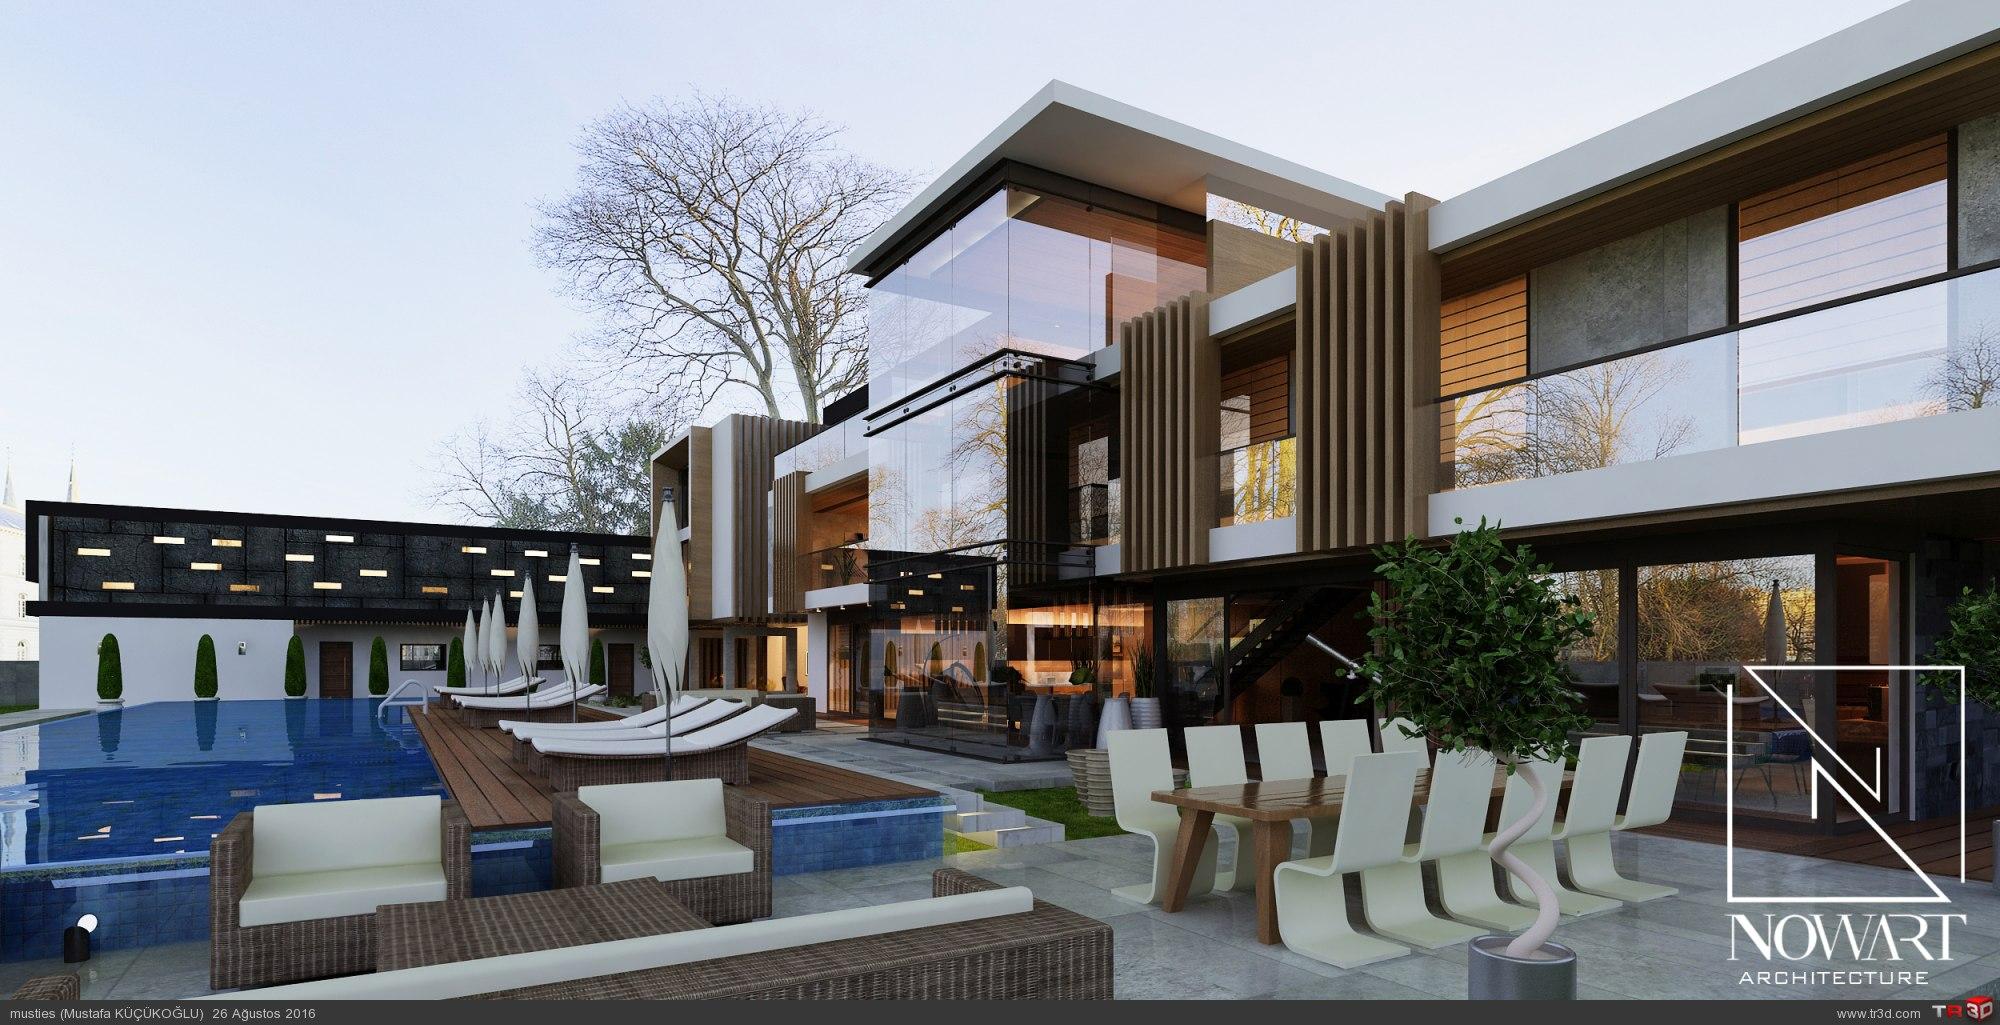 antonio do rozario villa / South Africa 1